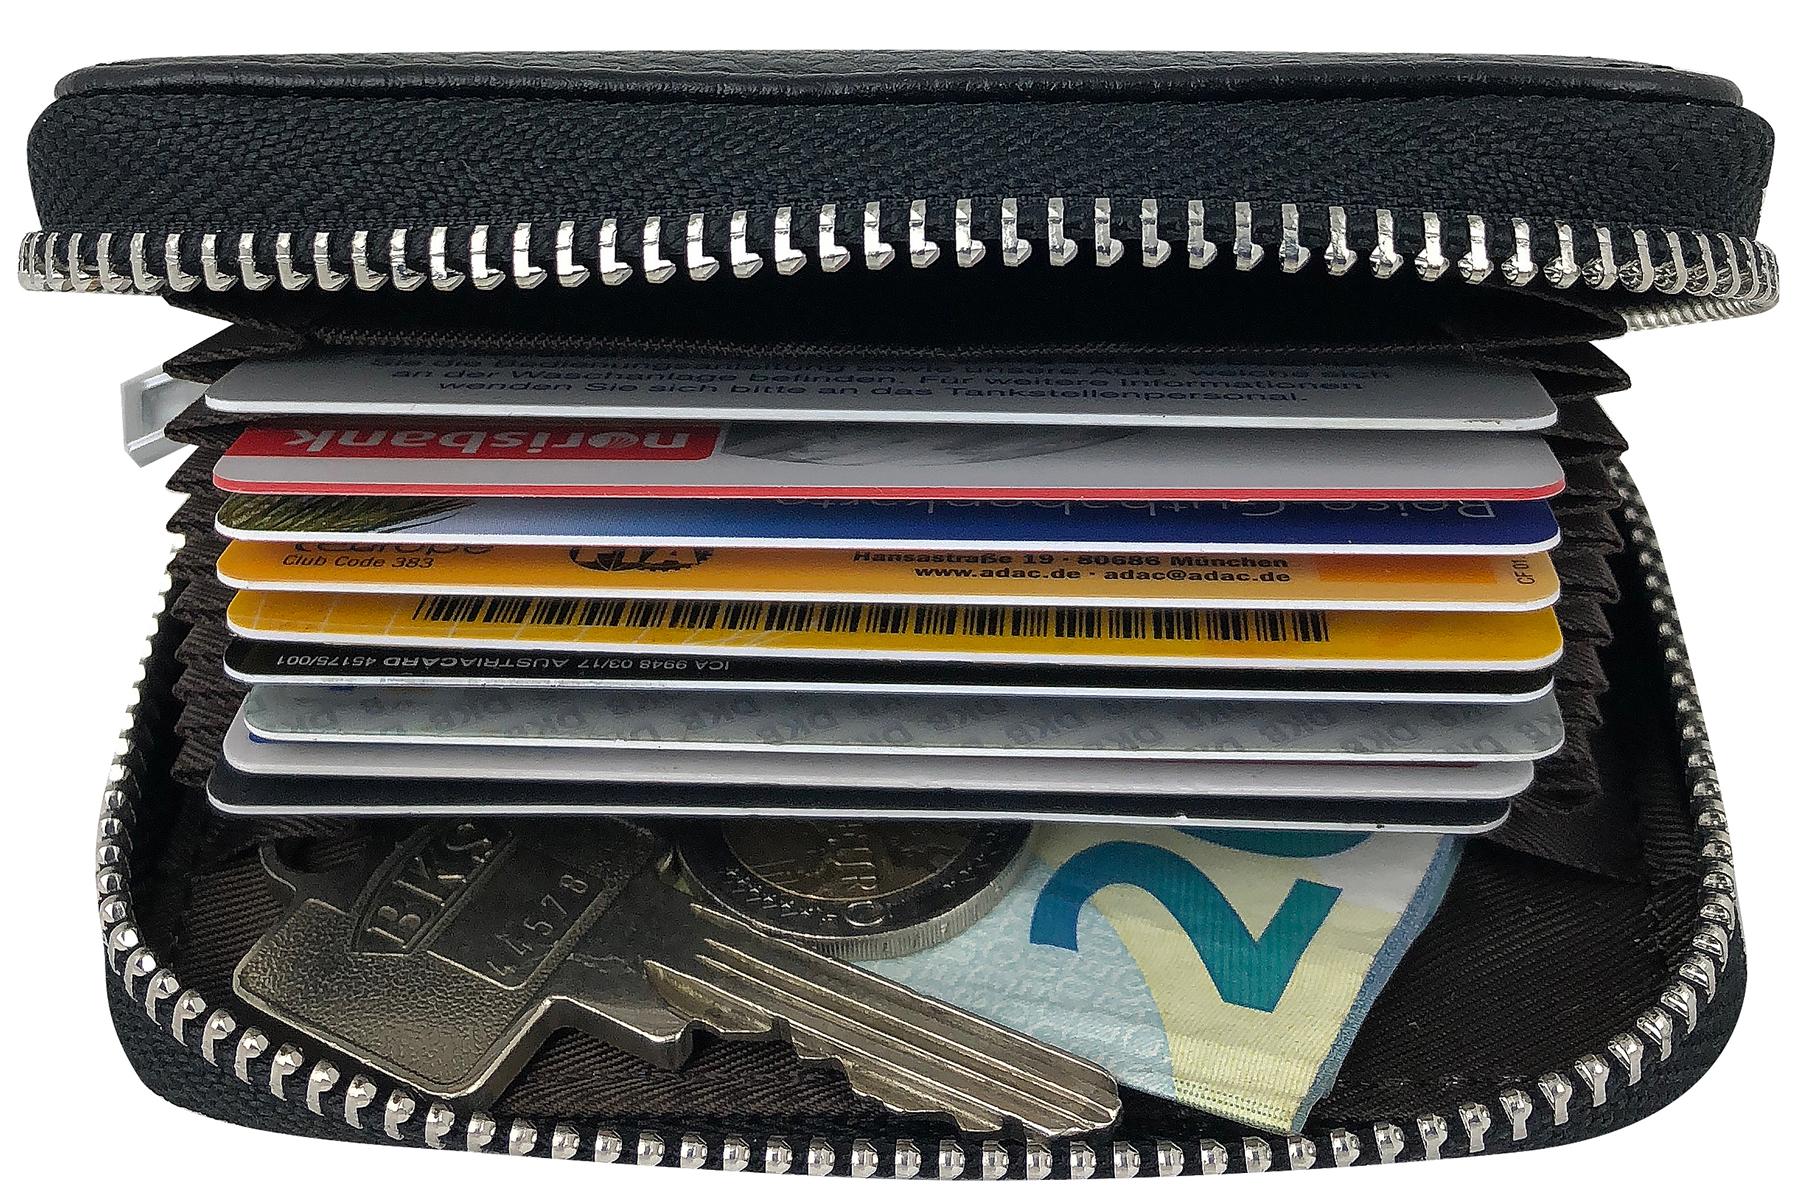 ae67633e1b6de Premium Kredit-Karten-Etui Geldbörse Echt-Leder mit Edel Stahl ...